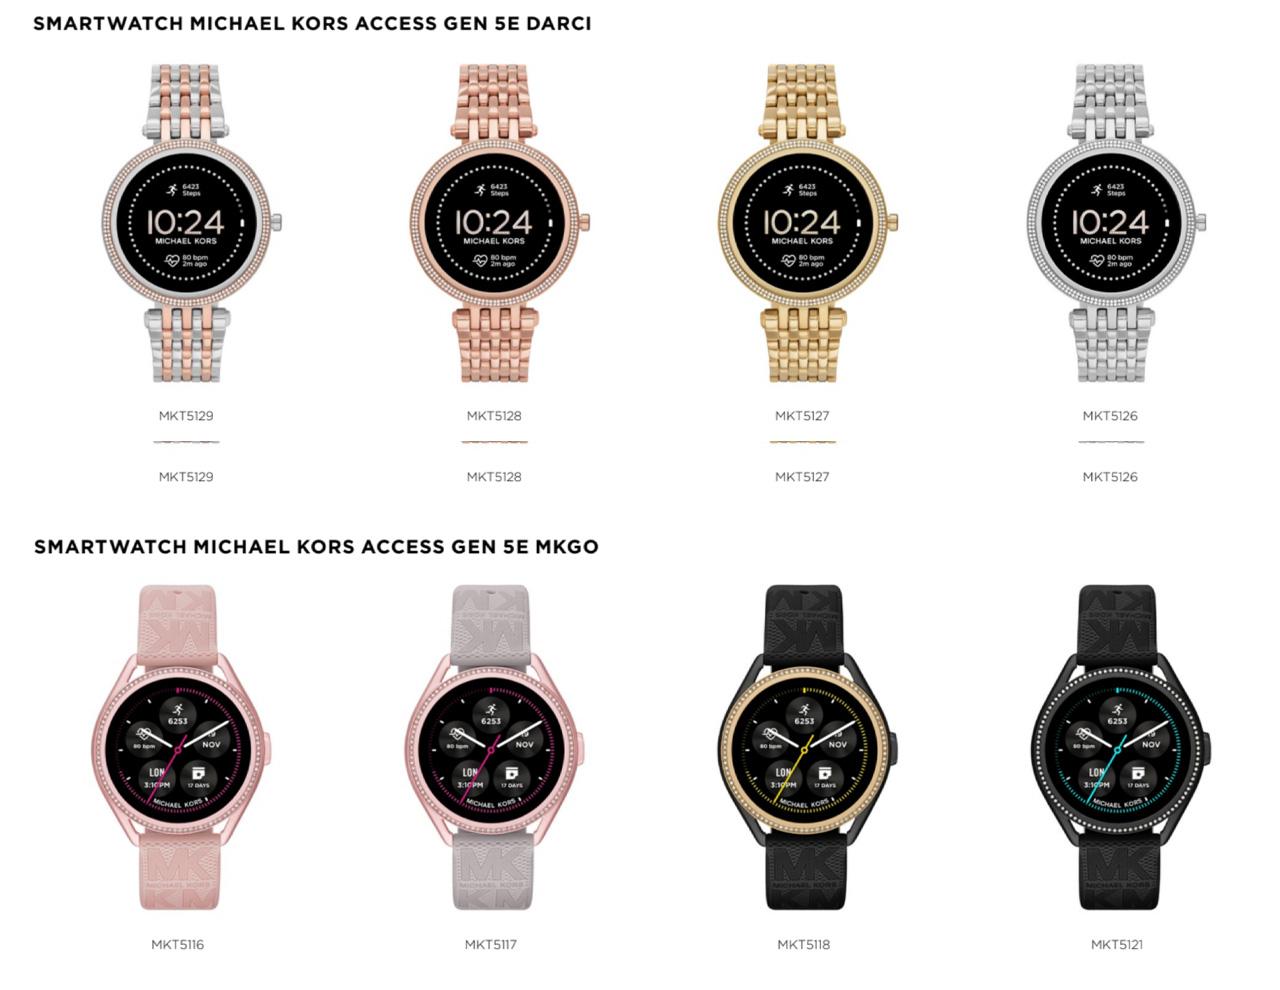 smartwatch michael kors access gen 5e